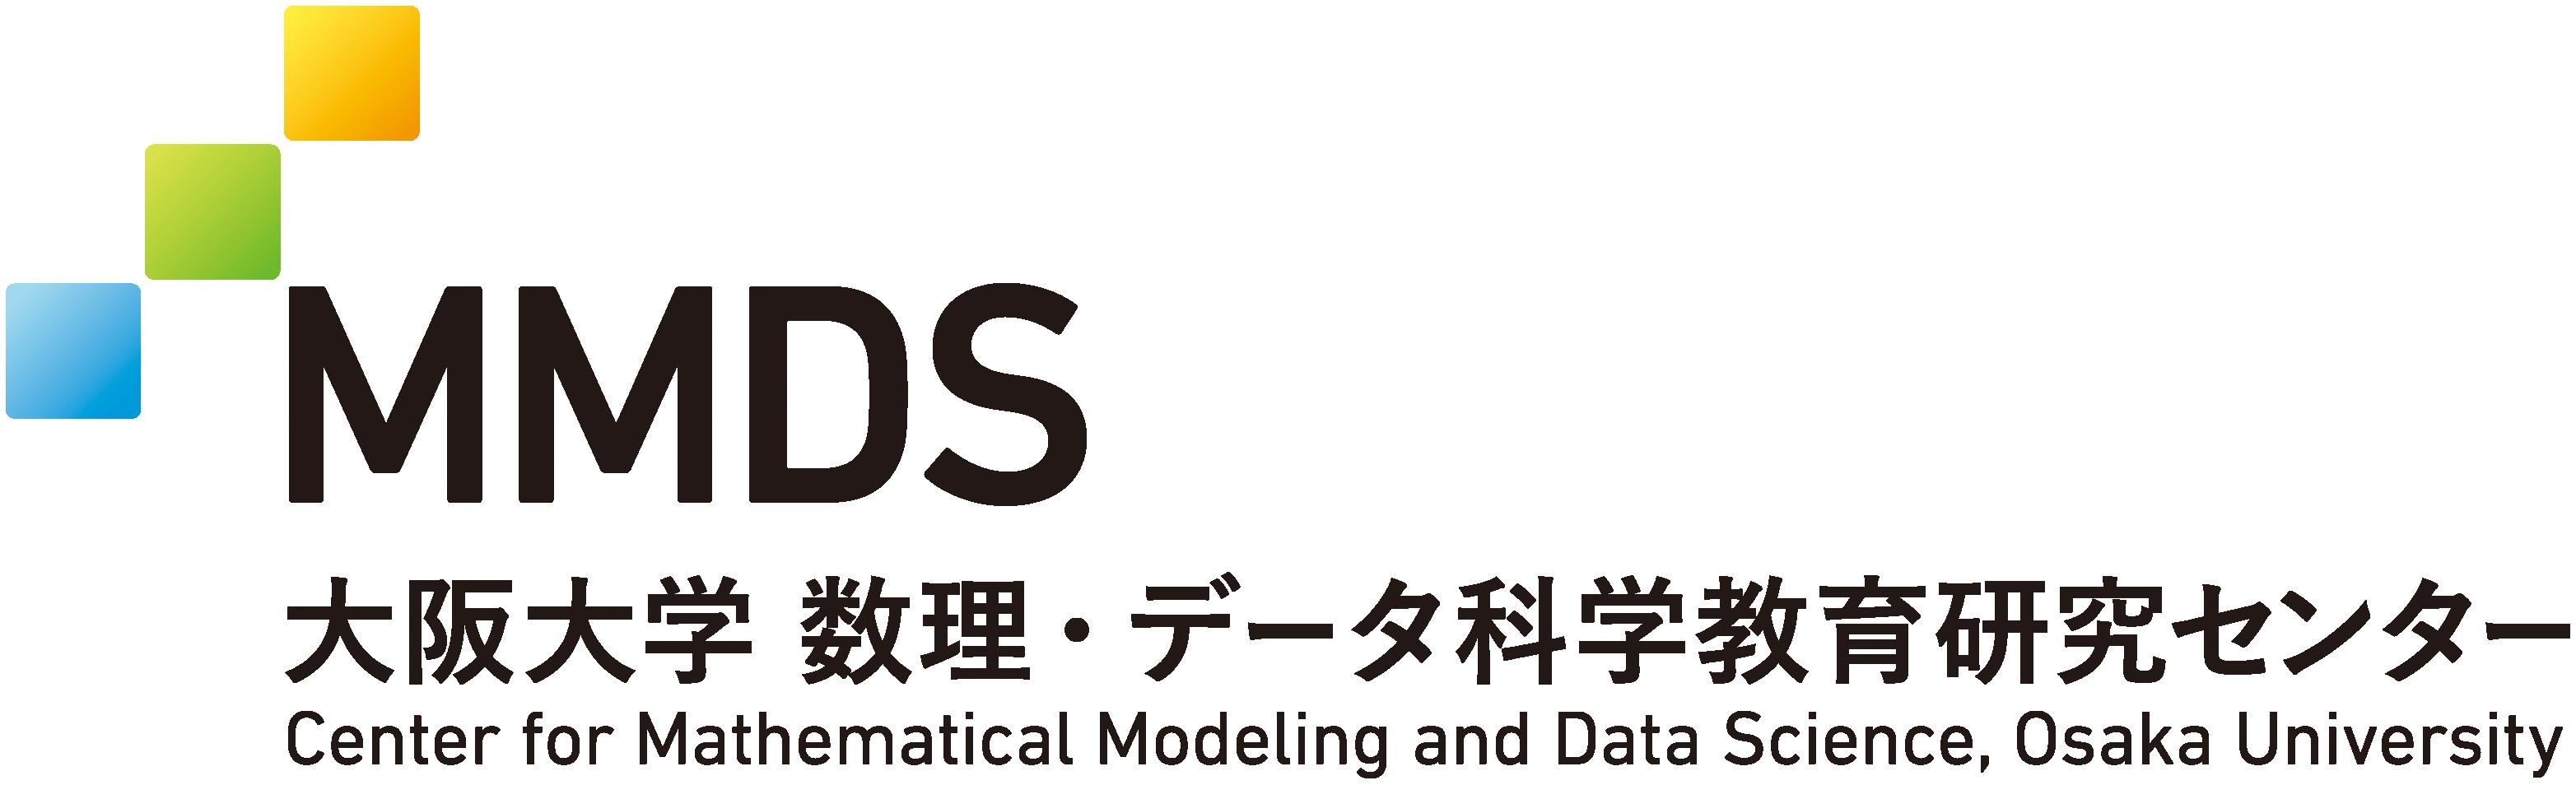 大阪大学 数理・データ科学研究センター